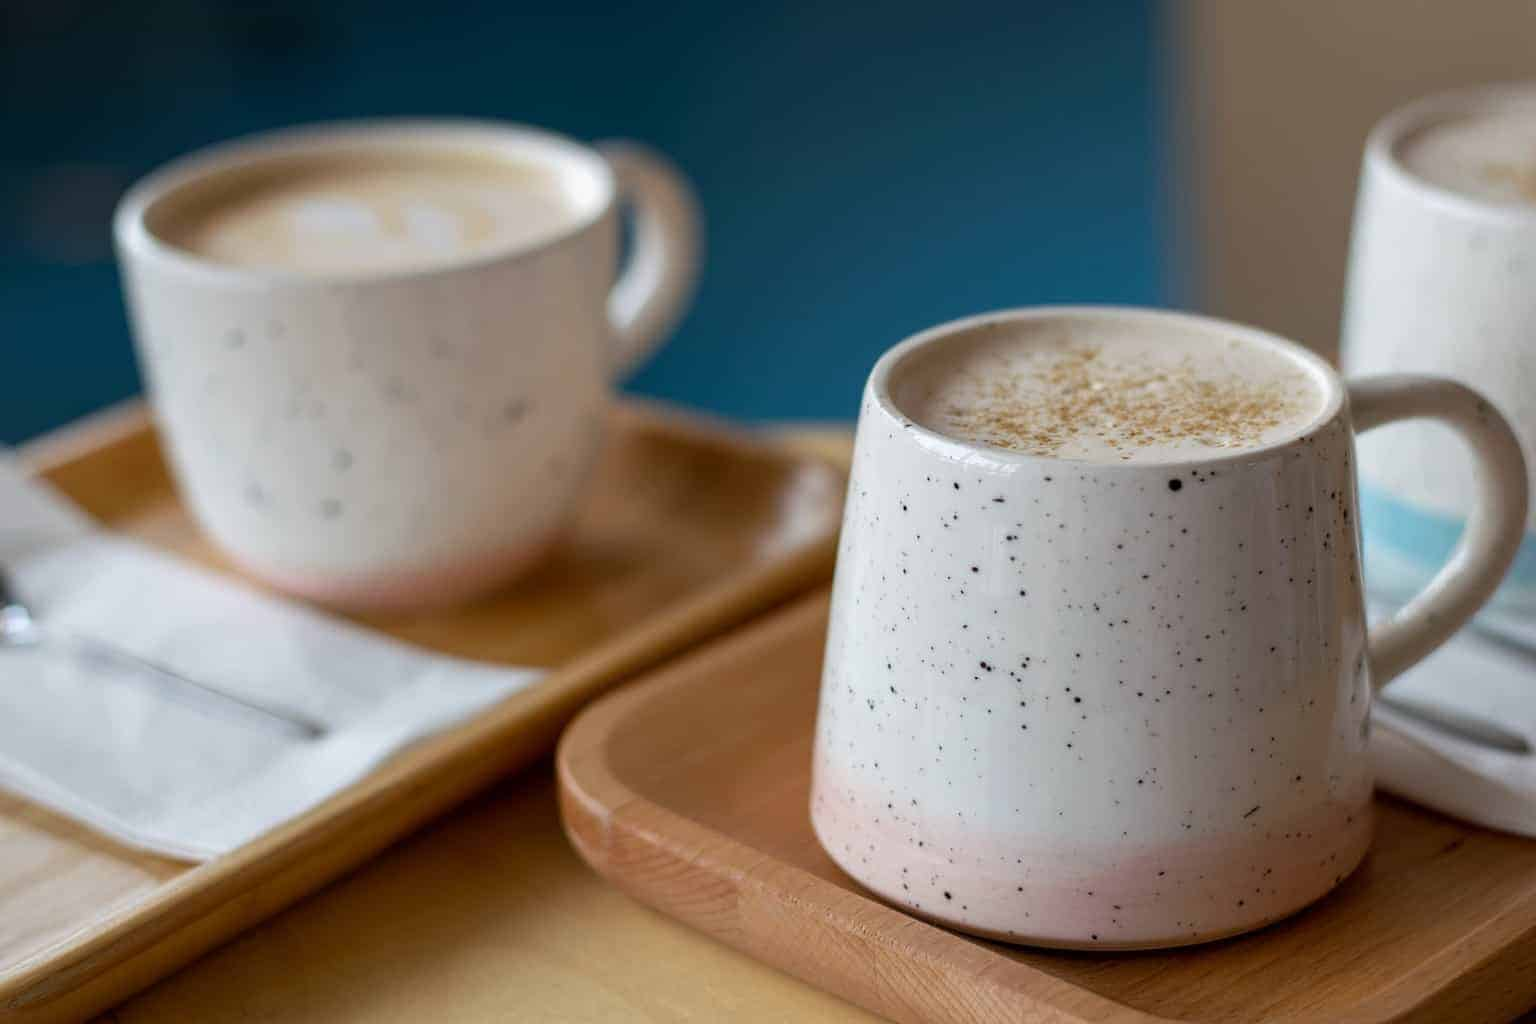 Cappuccino vs Latte: ambos usan espresso, entonces, ¿cuál es la diferencia?